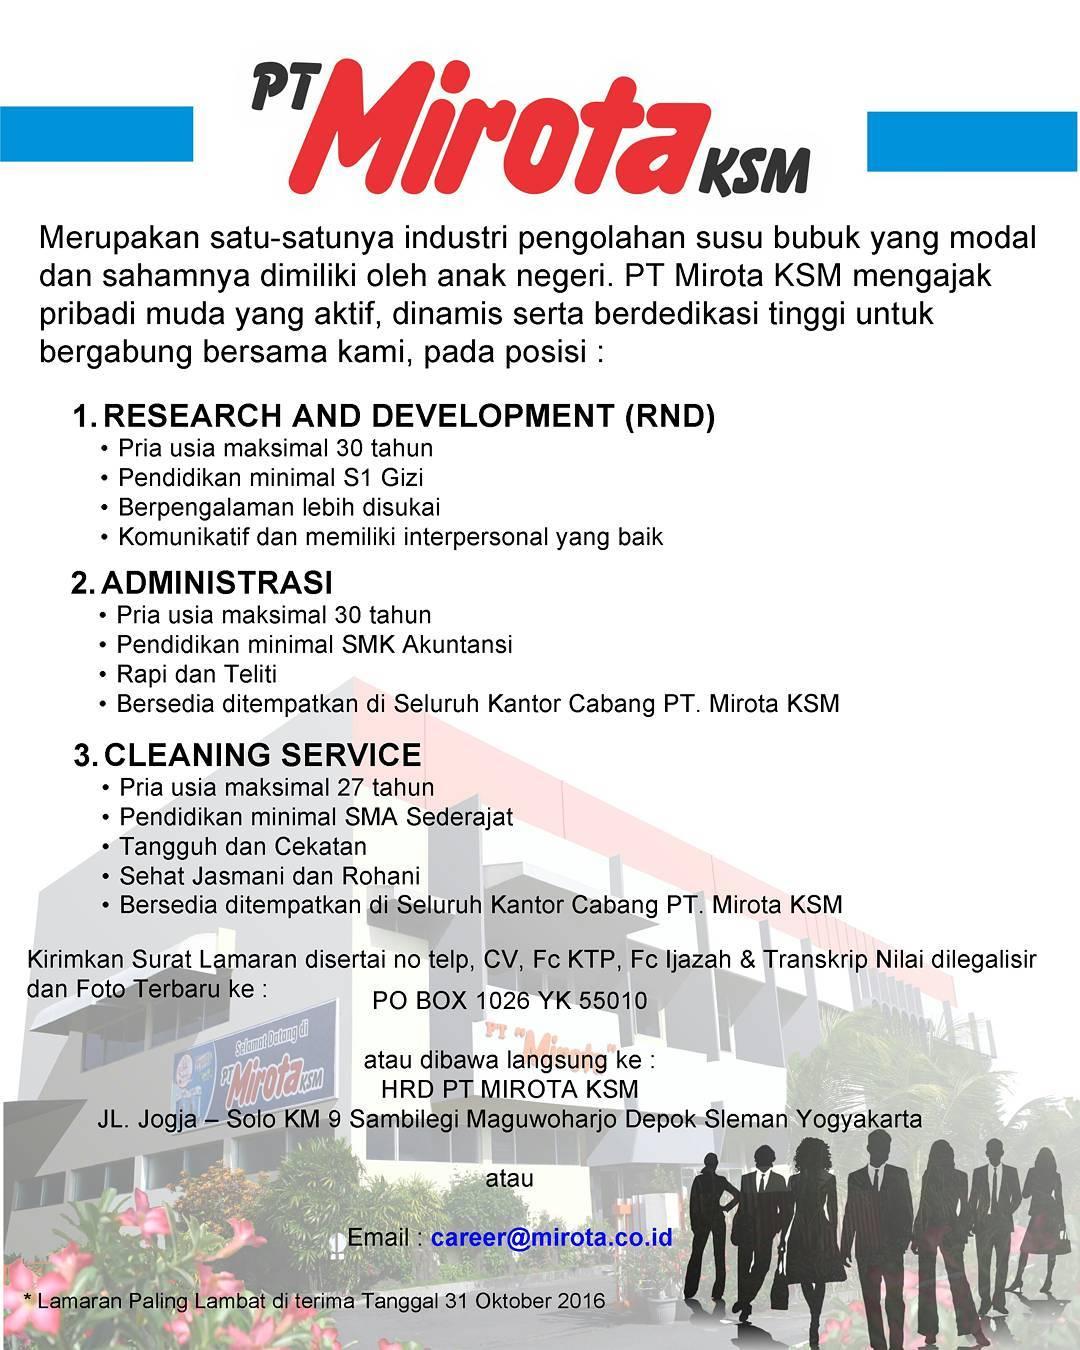 Lowongan Kerja Pt Mirota Ksm Yogyakarta Oktober 2016 Kerja Id Lowongan Kerja Indonesia